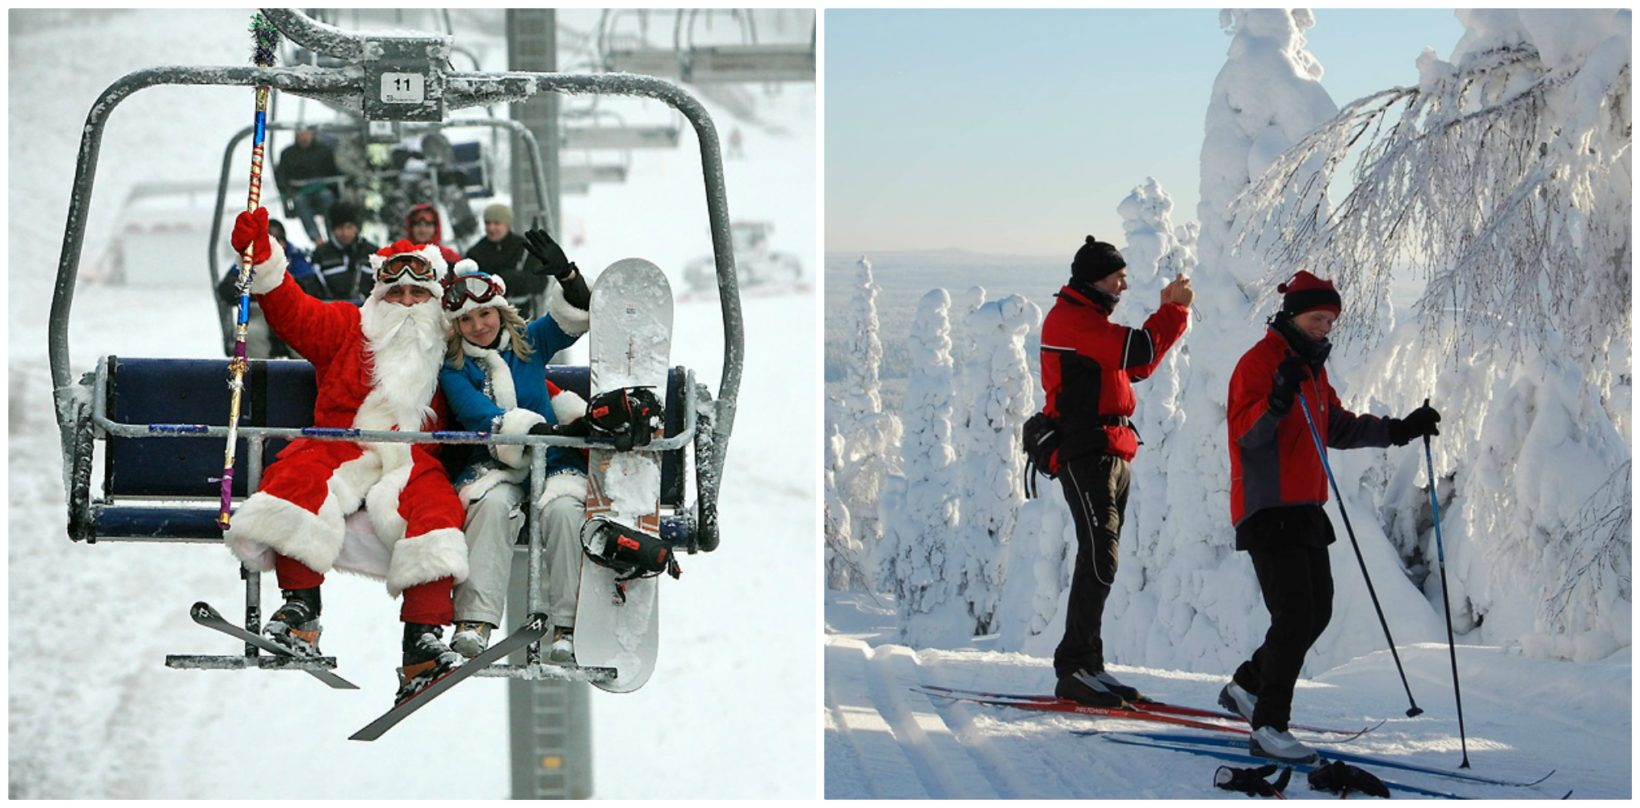 skiing in minsk